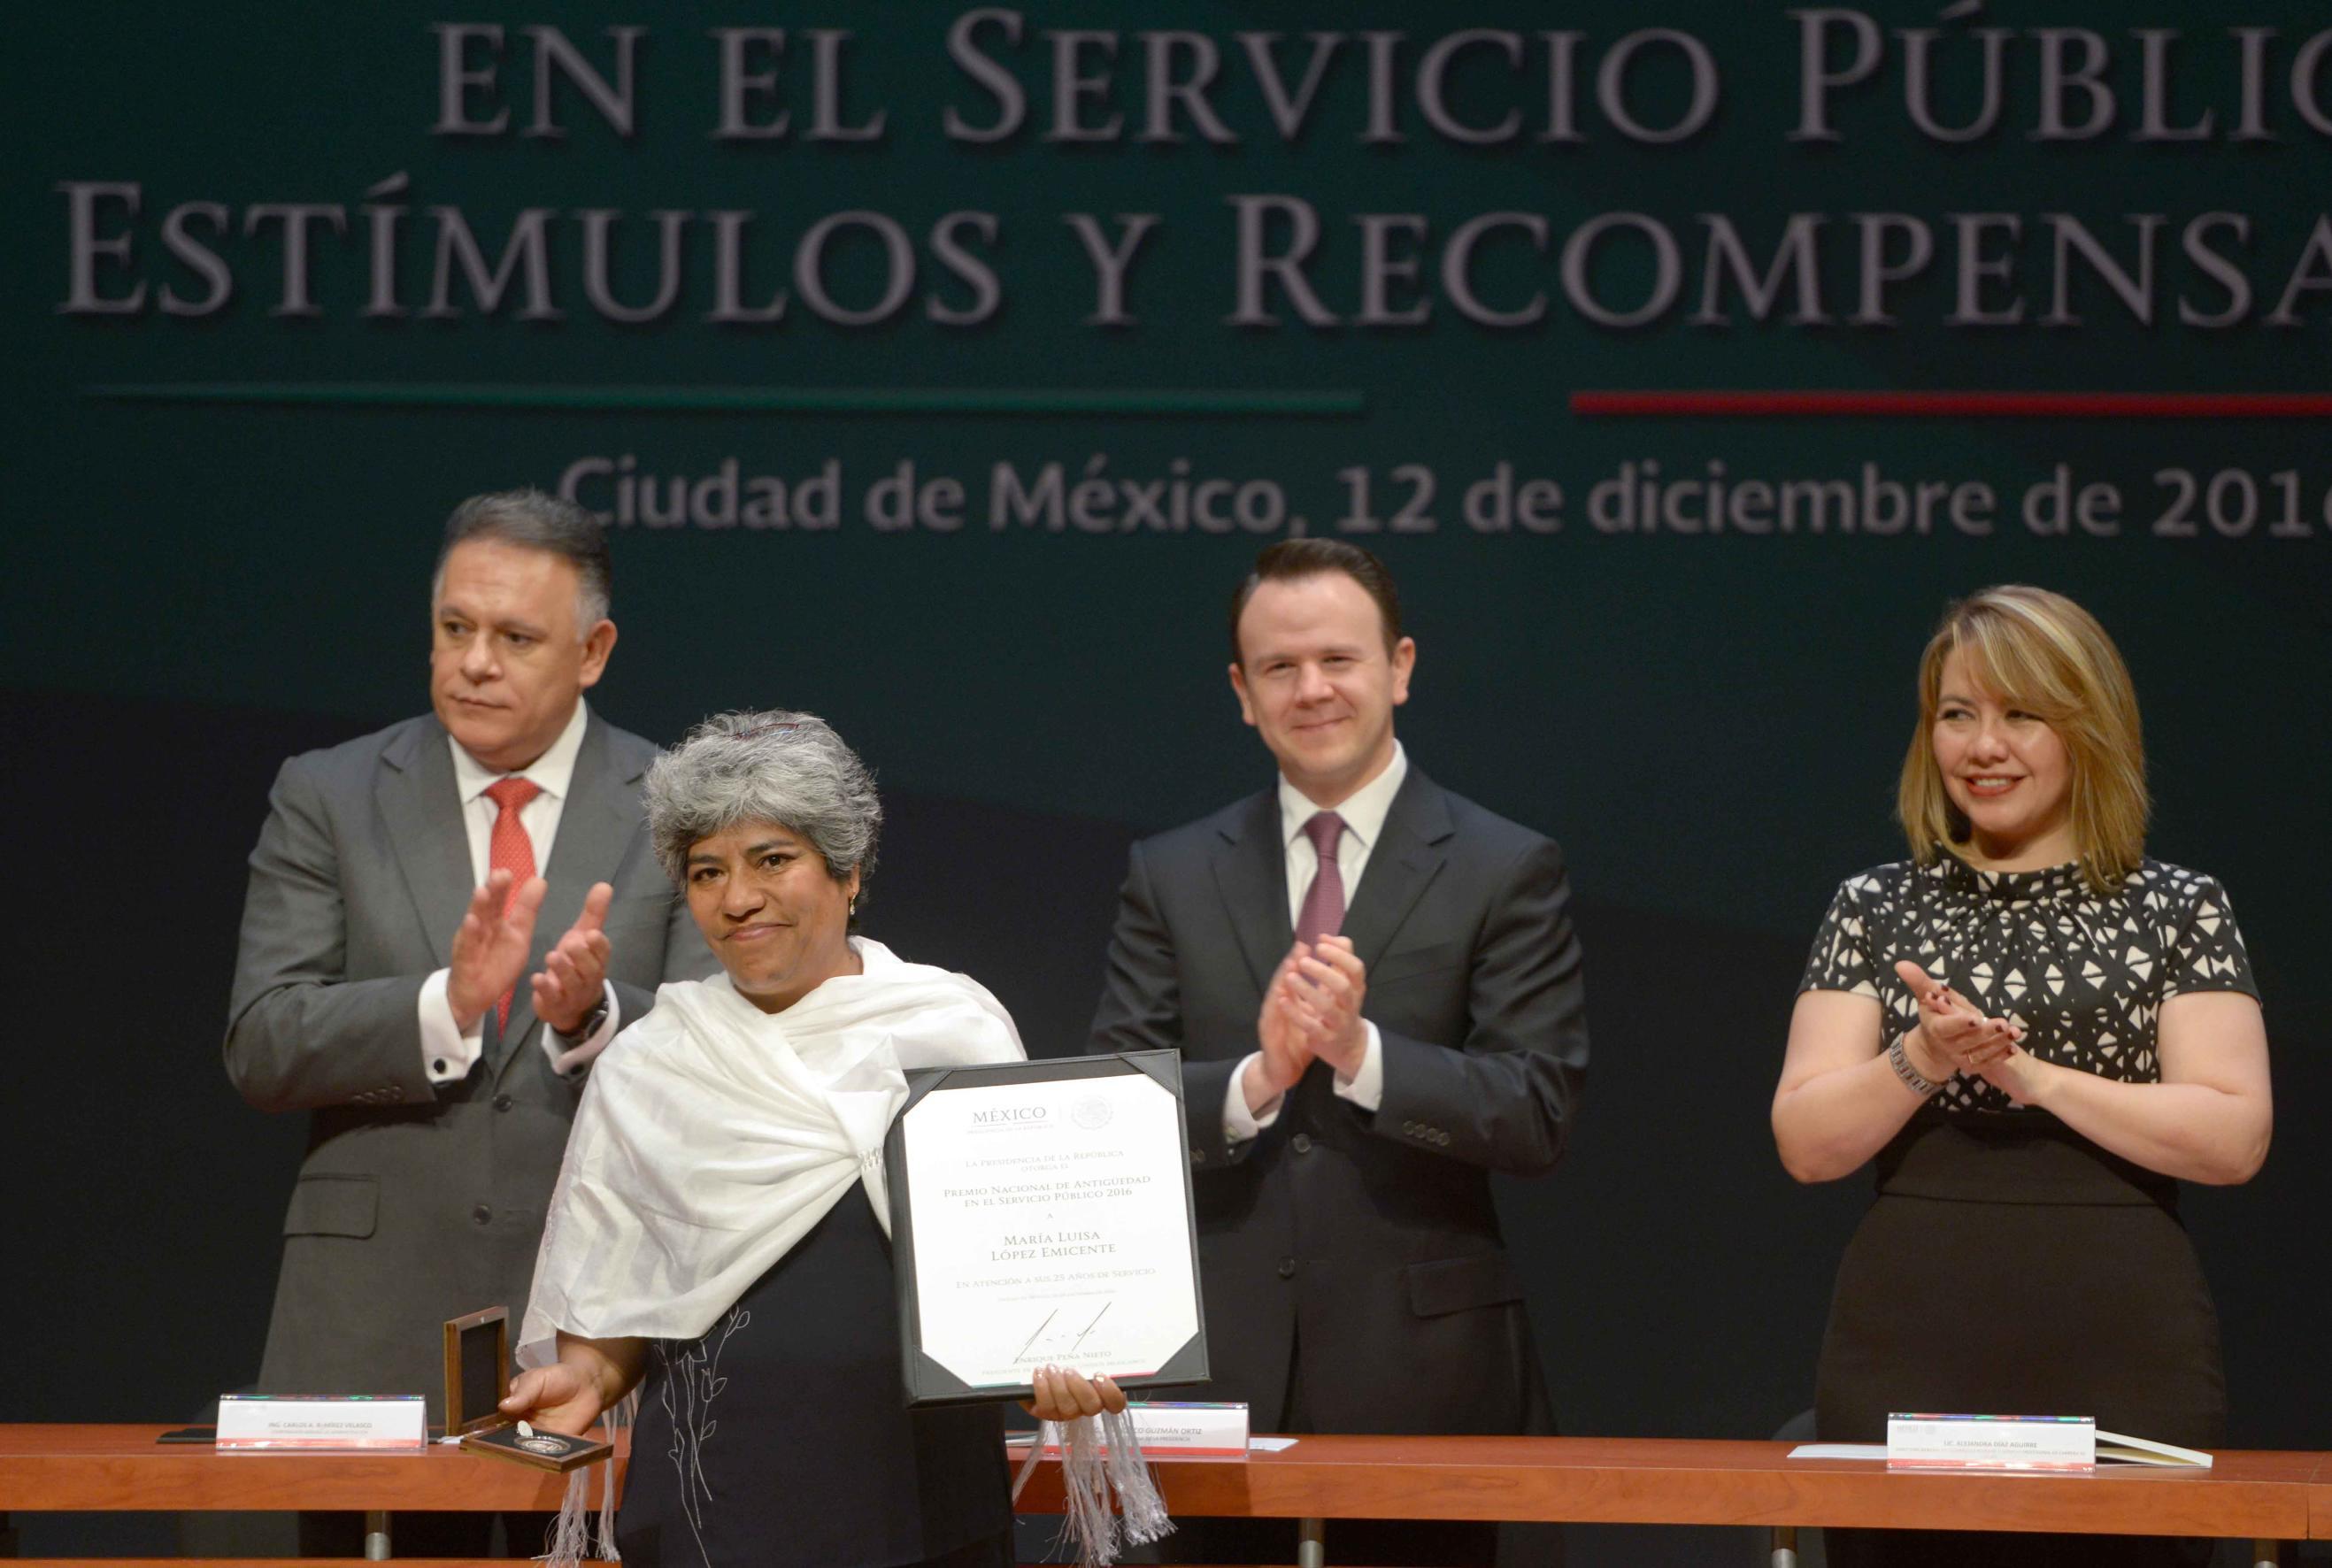 """Al encabezar la ceremonia de entrega del Premio de Antigüedad, Francisco Guzmán Ortiz, el Jefe de la Oficina de la Presidencia, afirmó que, """"servir a México es motivo de gran orgullo. Así lo ha expresado el Presidente de los Estados Unidos Mexicanos""""."""